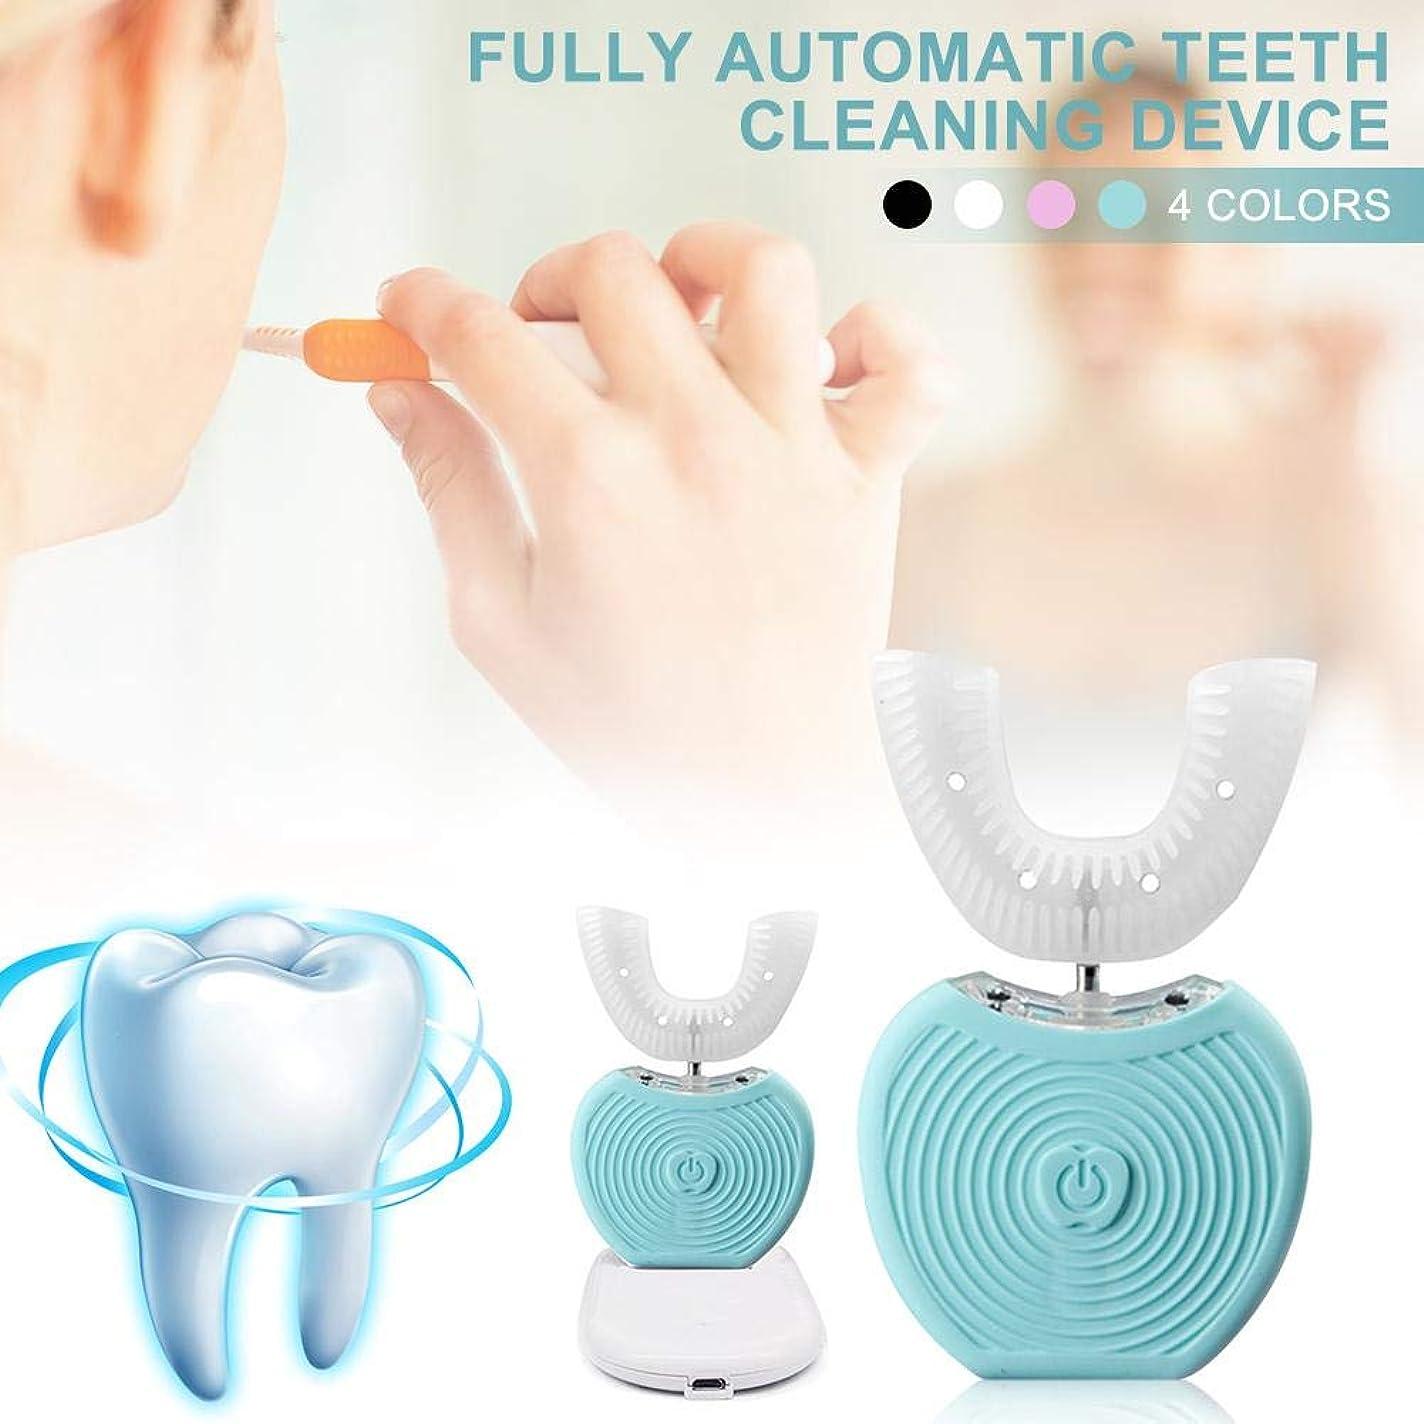 ストリップ町悪用USBポータブル電動歯ブラシ IPX7防水 ブルーレイホワイトニングツール AI自動メモリー機能 360度オールラウンド歯ブラシ